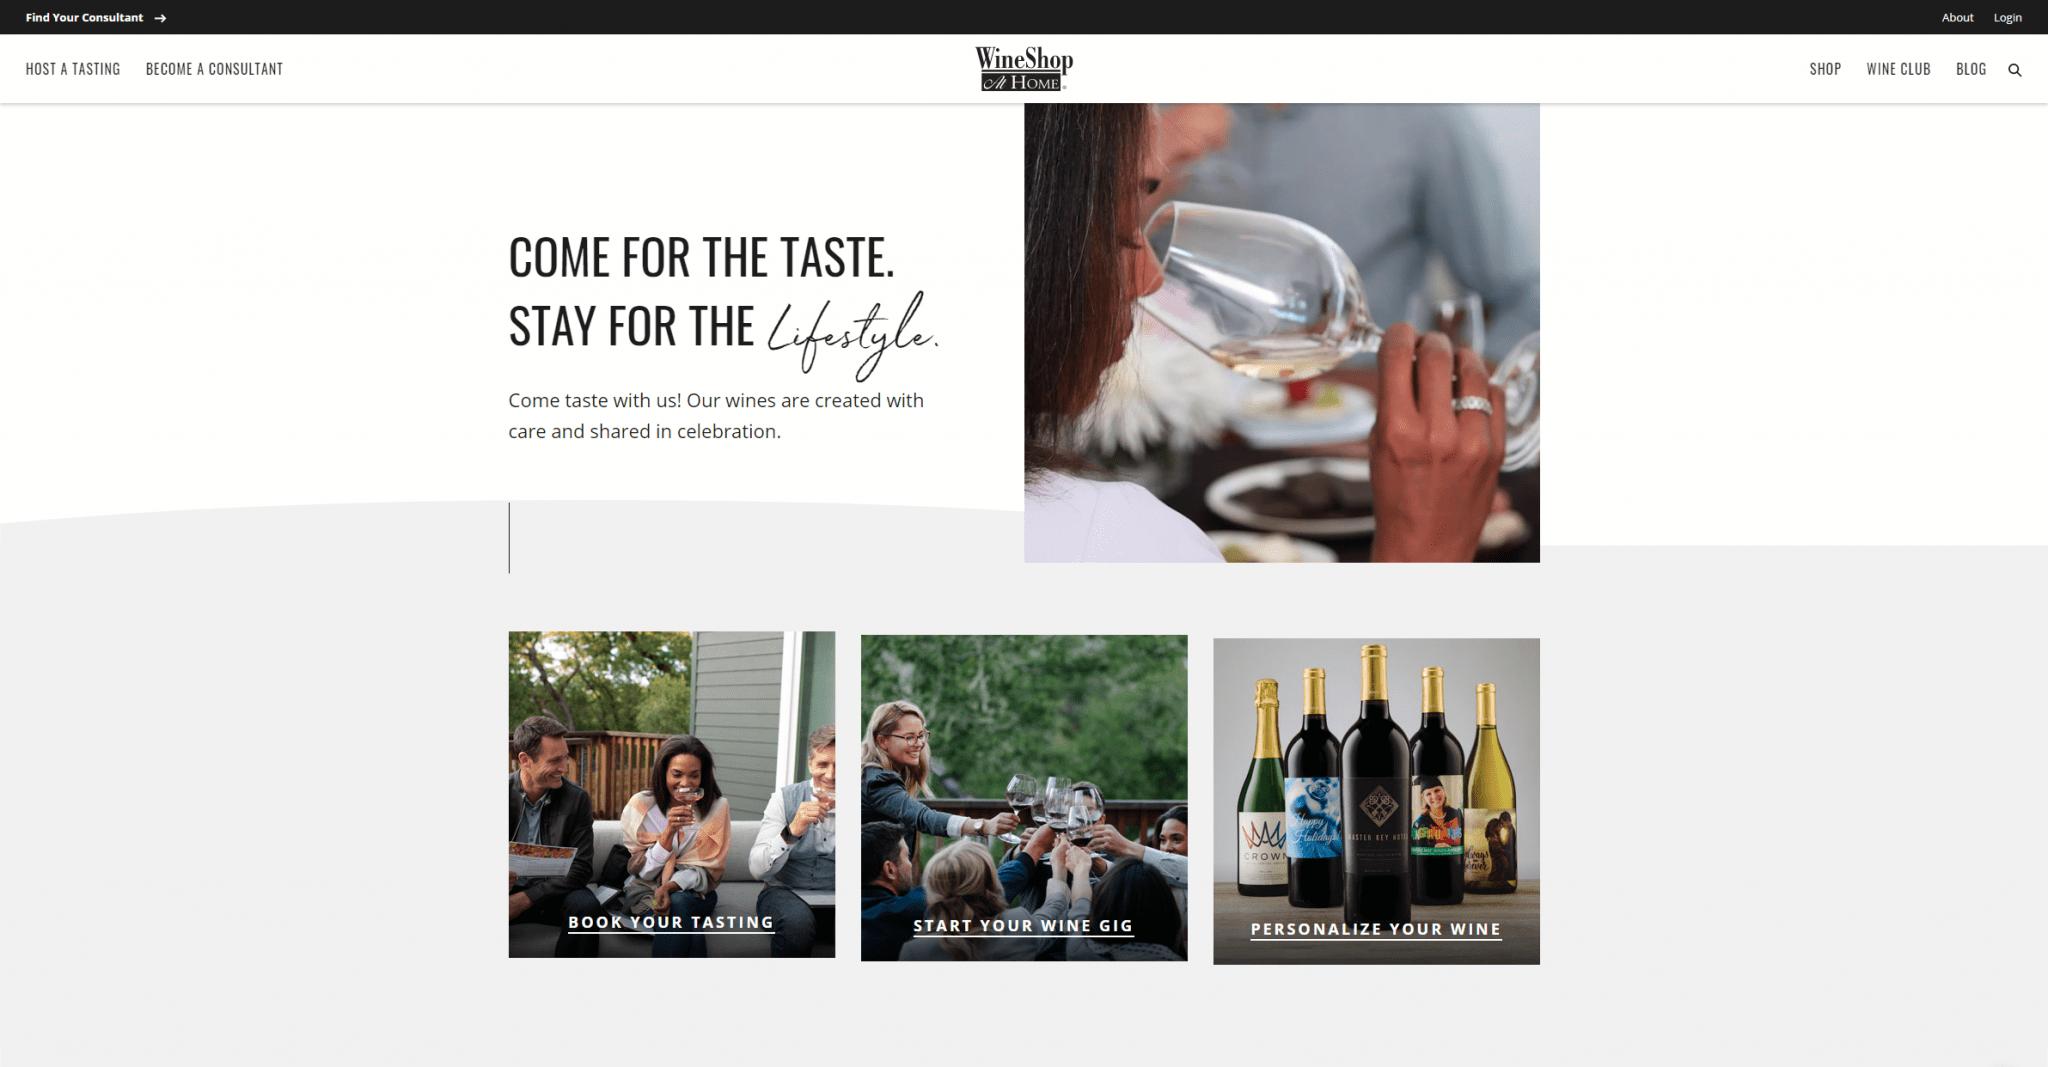 www.wineshopathome.com